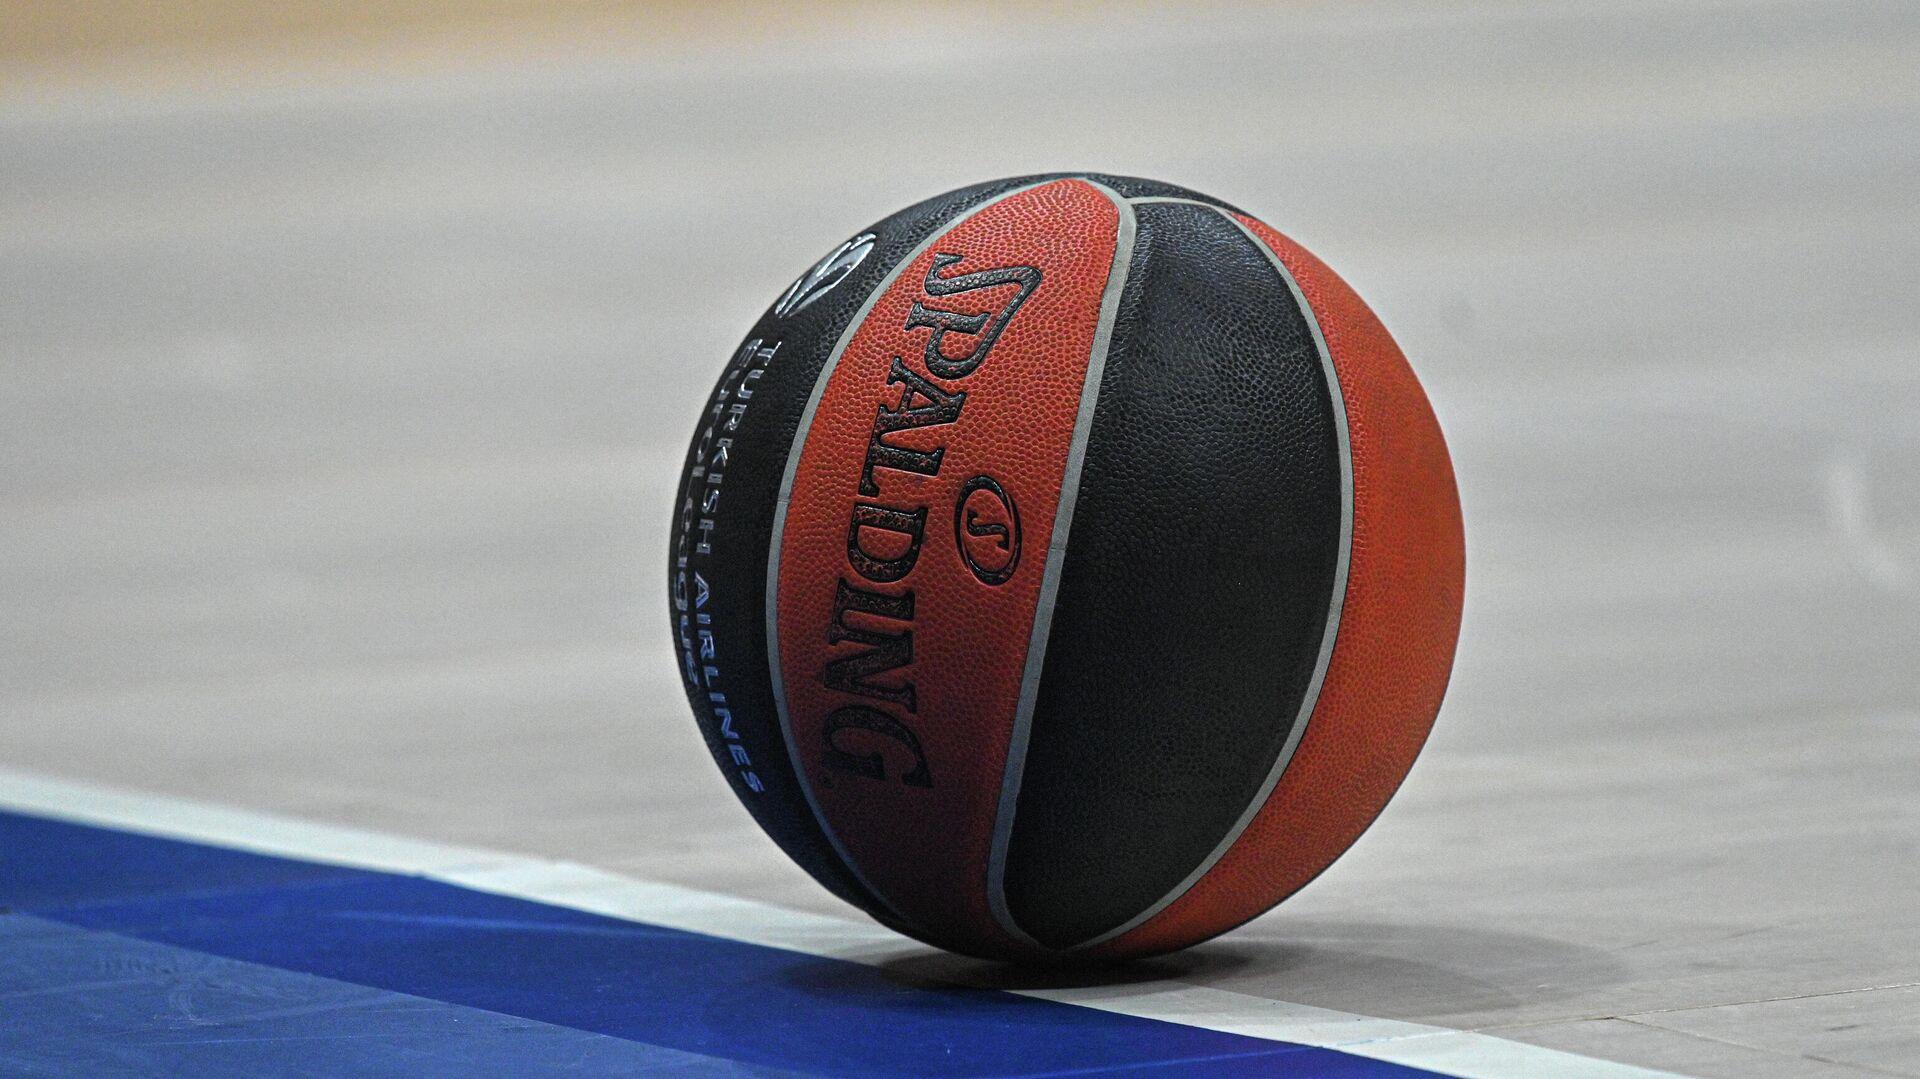 Баскетбол. Евролига. Матч ЦСКА — Барселона - РИА Новости, 1920, 30.07.2021